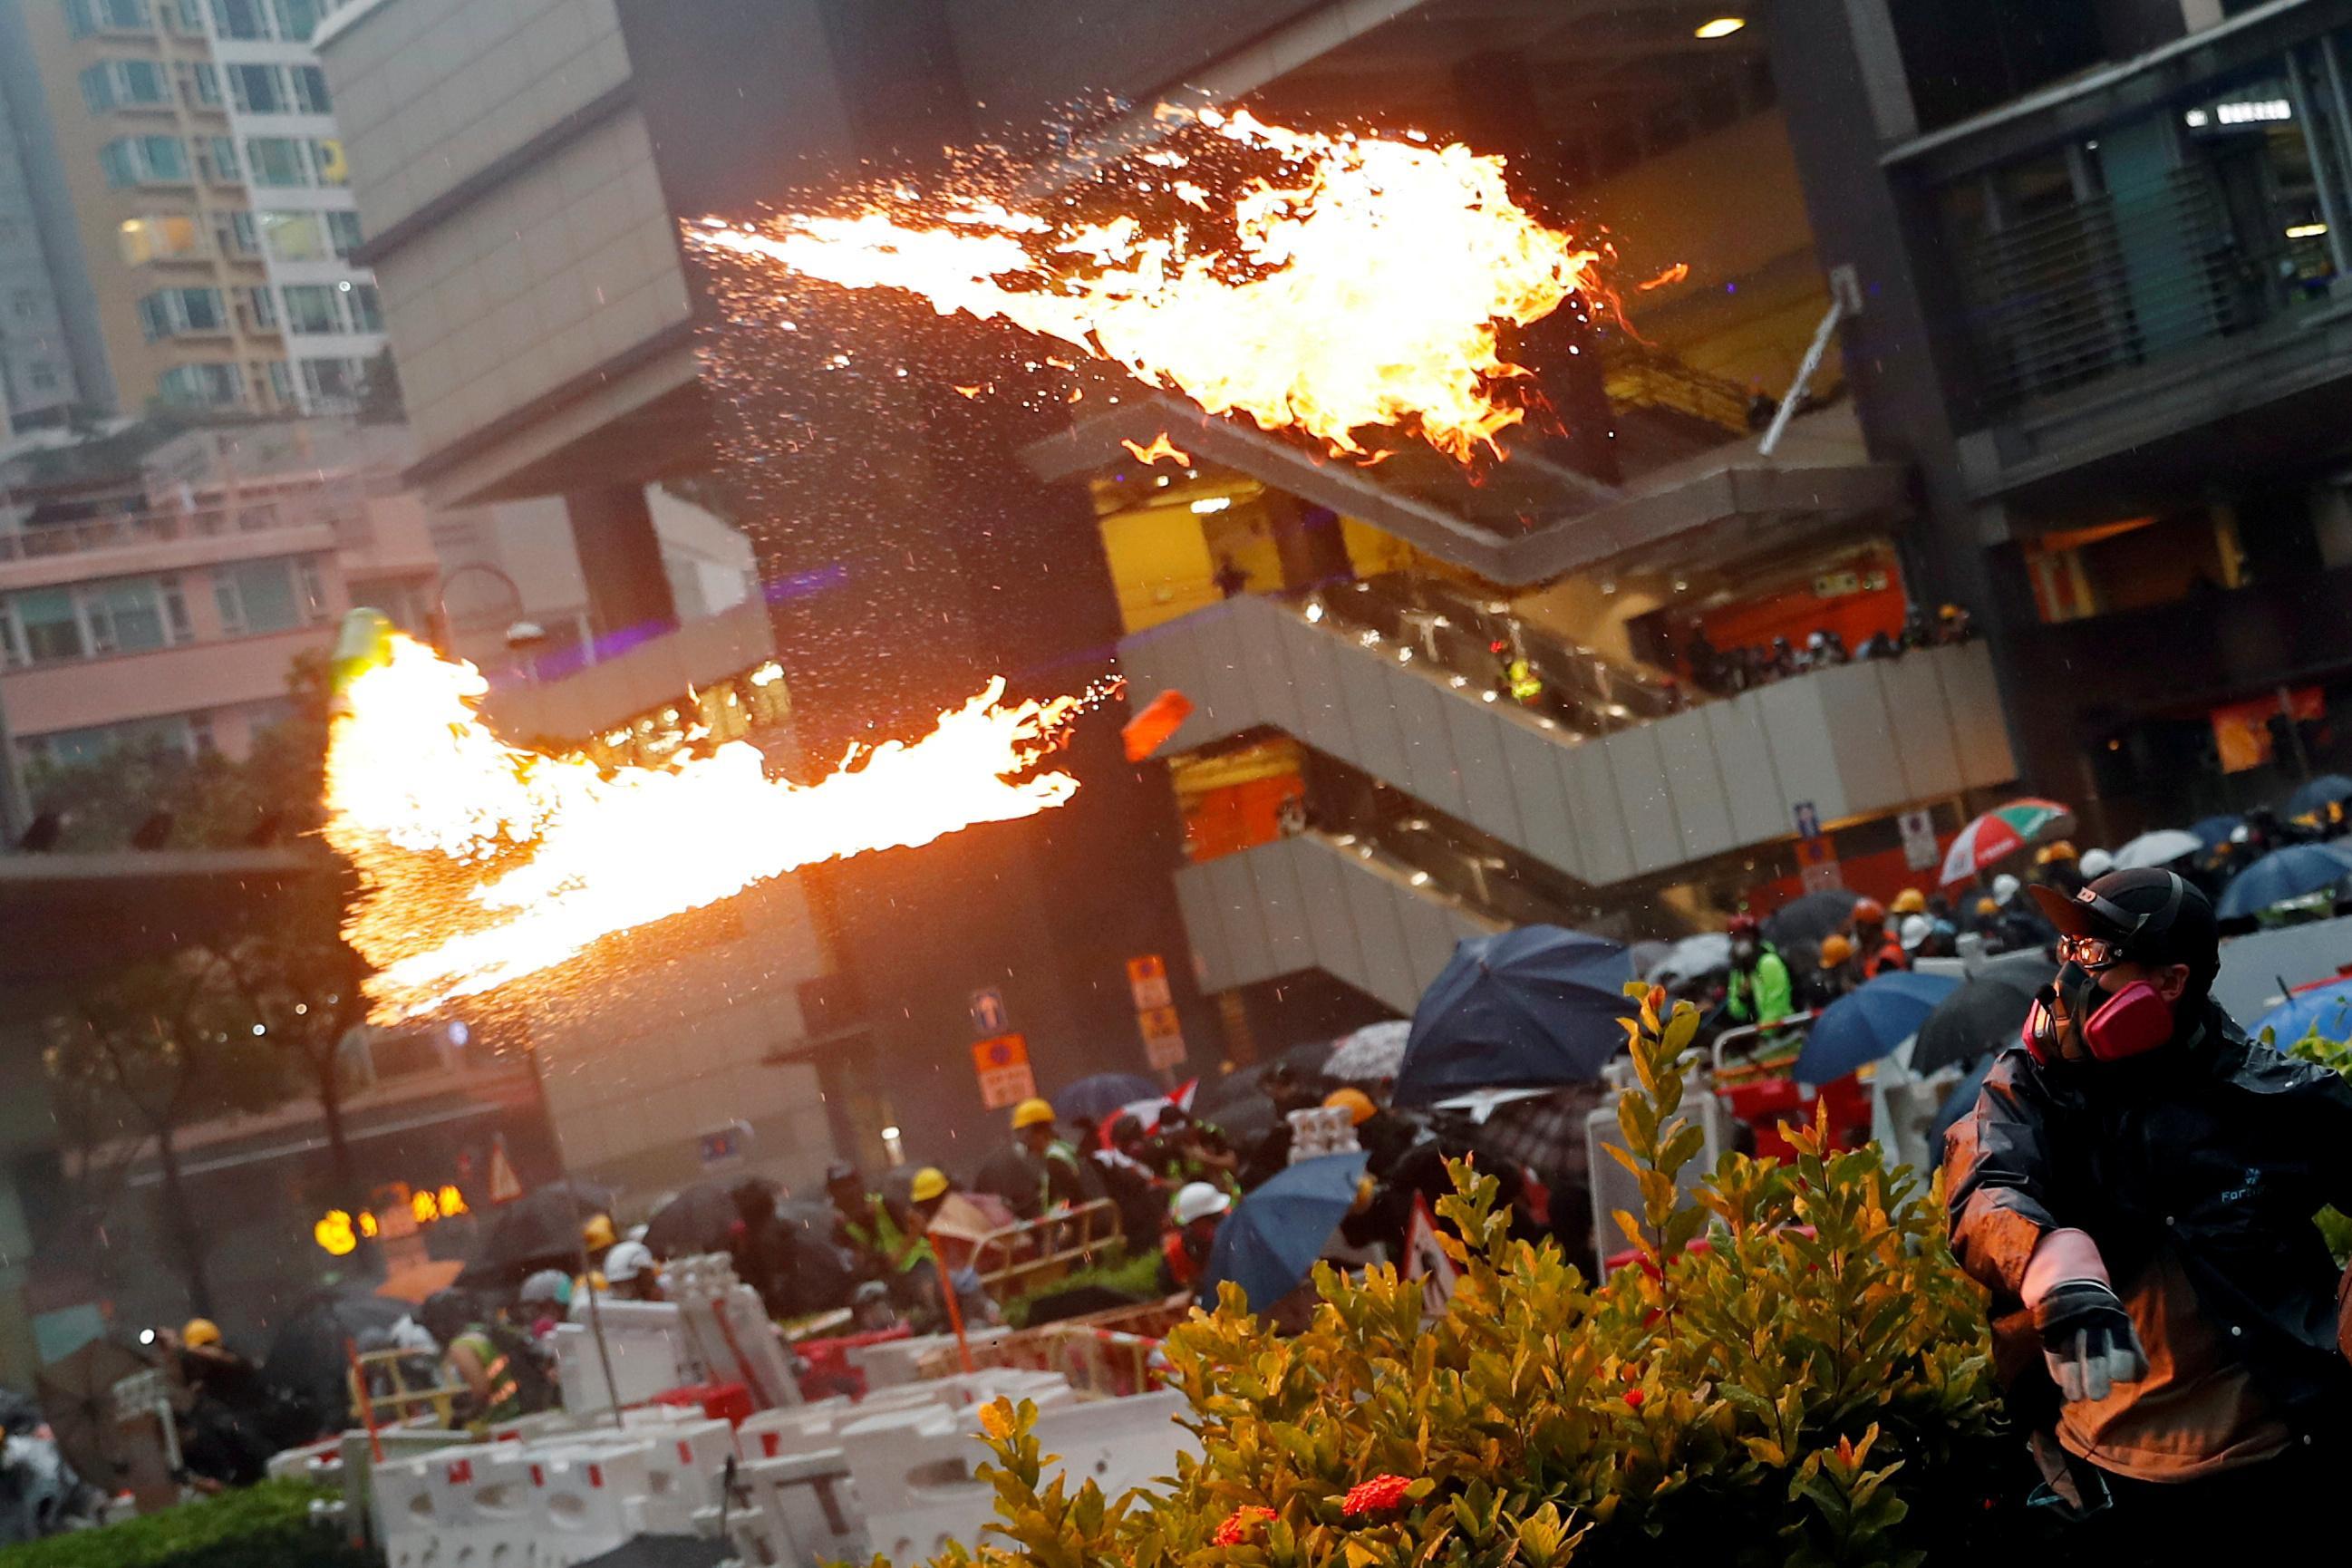 Rapport spécial: Les émissaires disent que la Chine double ses effectifs à Hong Kong